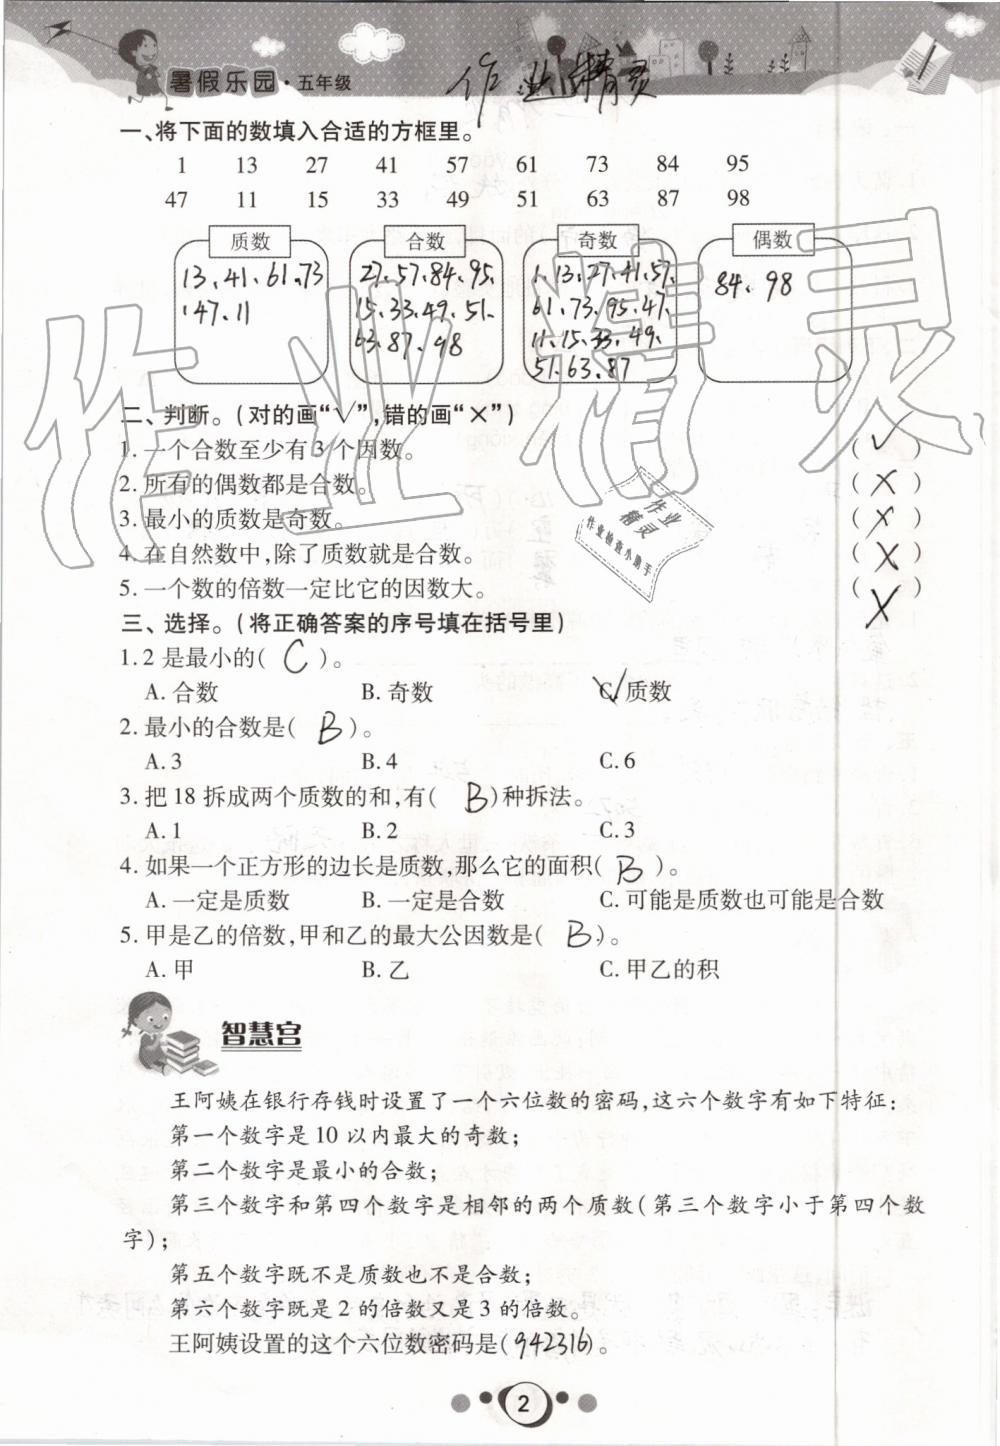 2019年暑假乐园五年级语文数学人人中彩票安卓广东人民出版社第2页